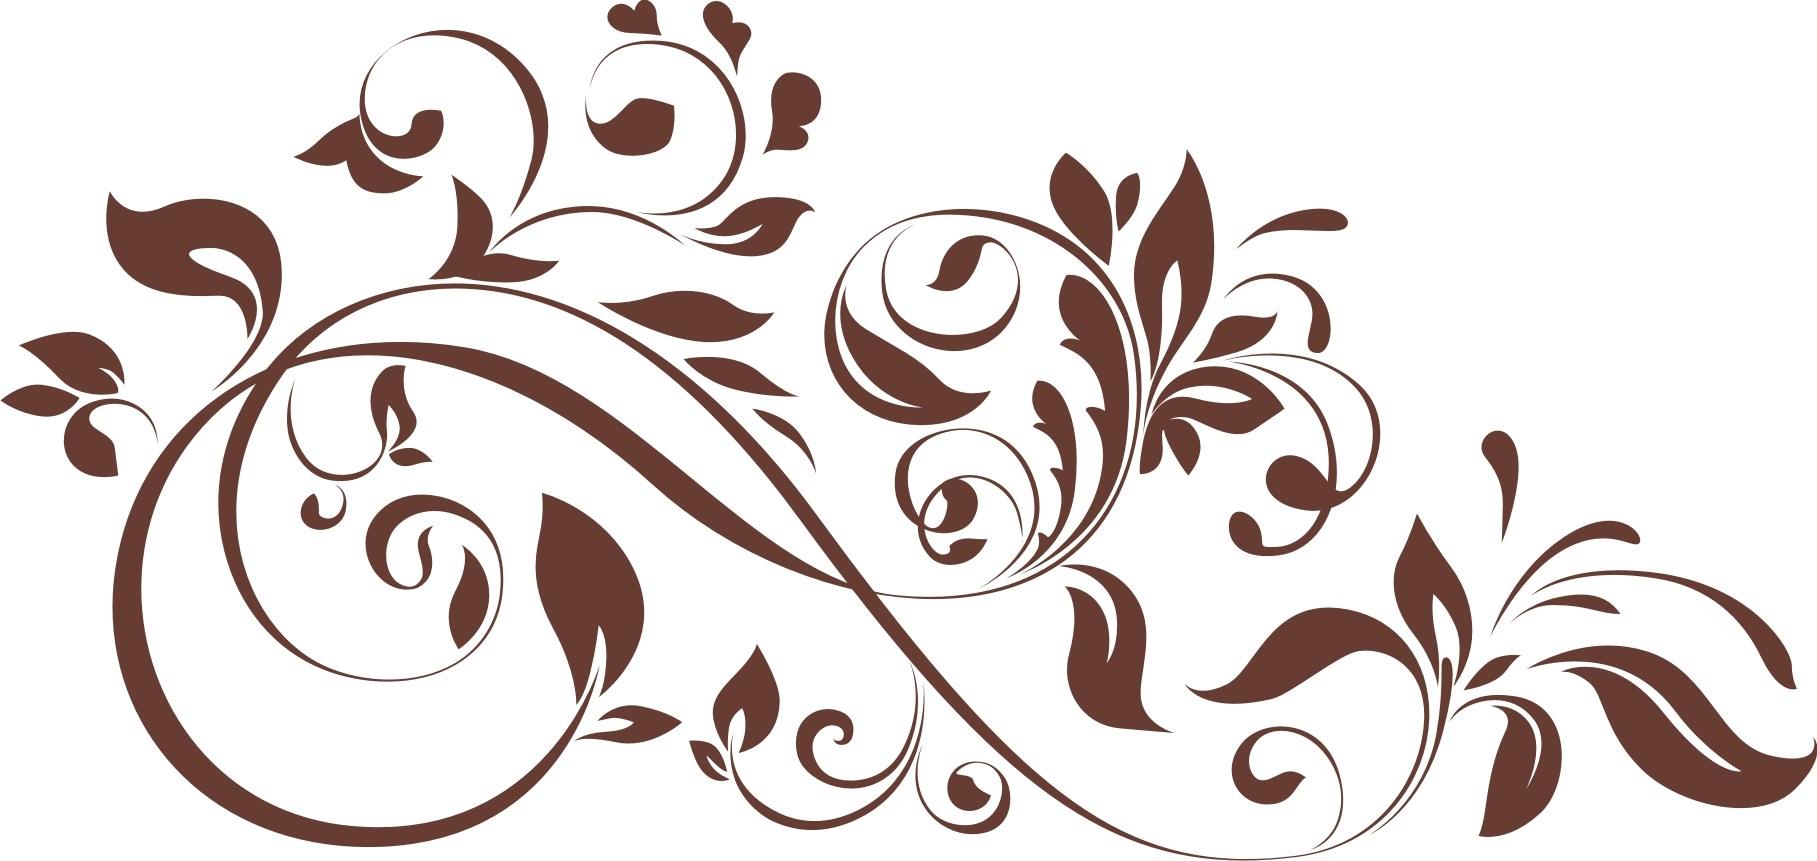 Бесплатно в векторе узор с цветами